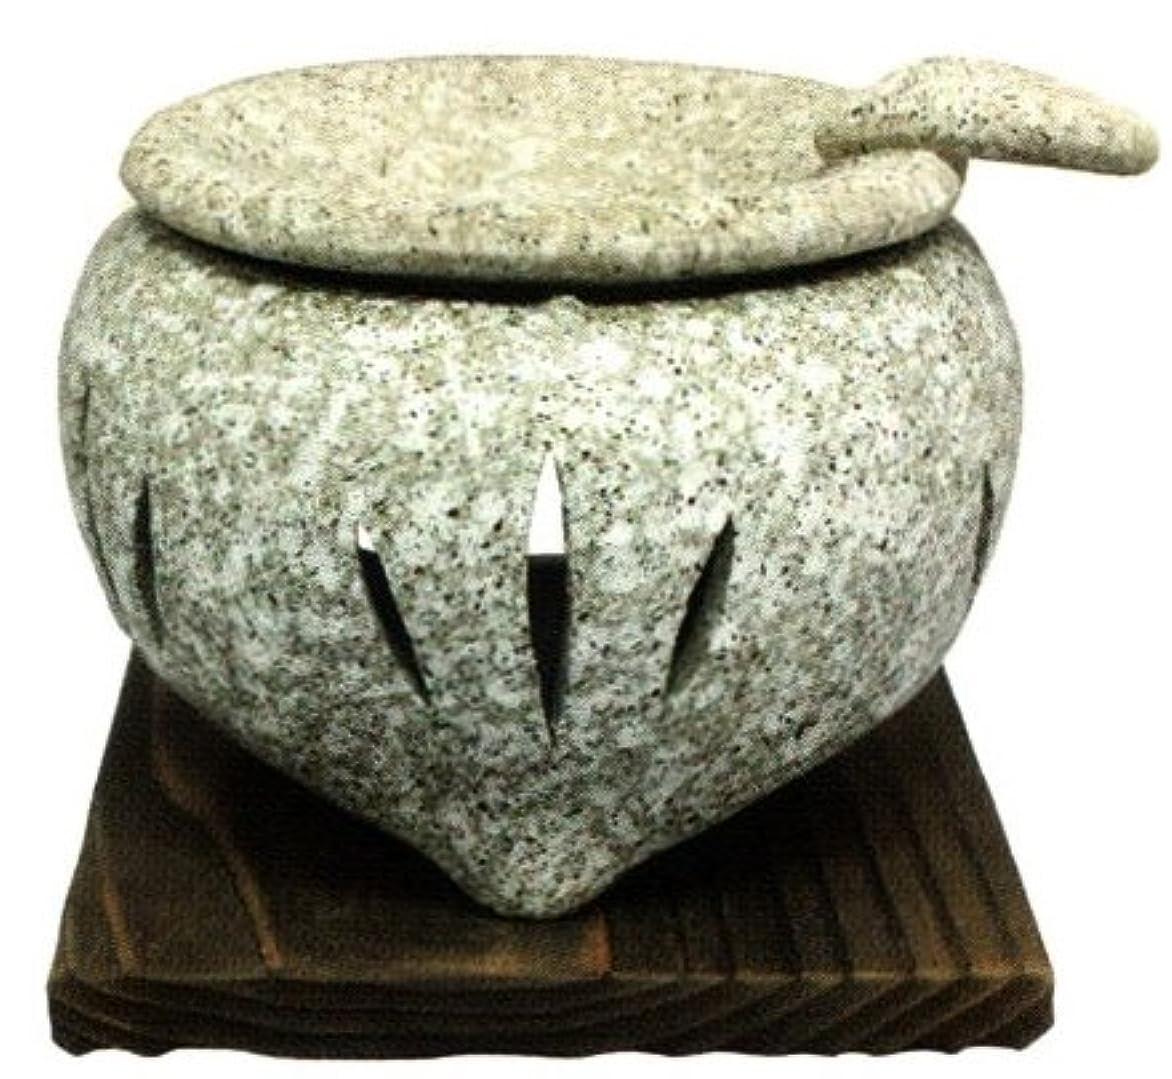 公爵夫人永続がっかりした常滑焼?山房窯 カ39-03 茶香炉 石風 杉板付 約φ11.5×9.5cm